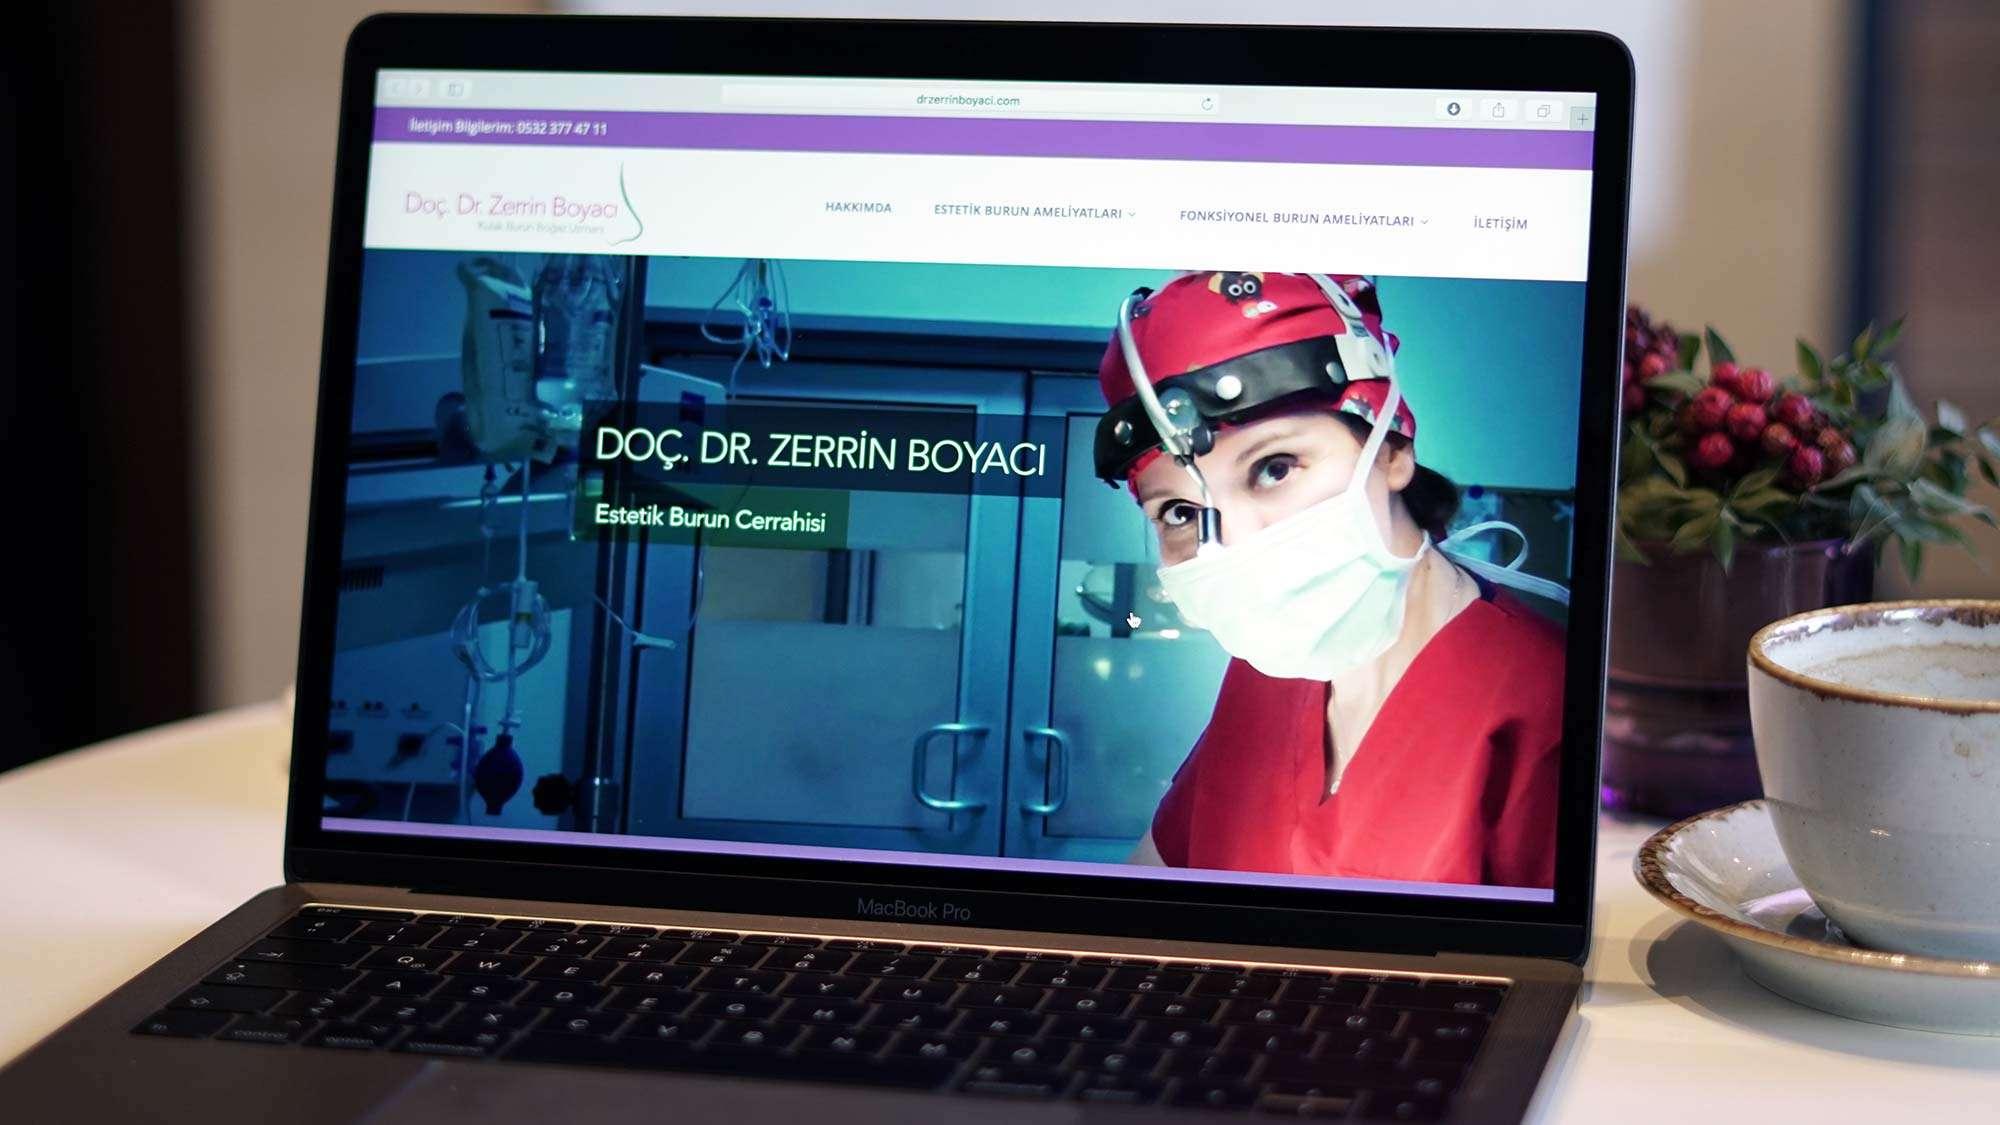 Doç. Dr. Zerrin Boyacı